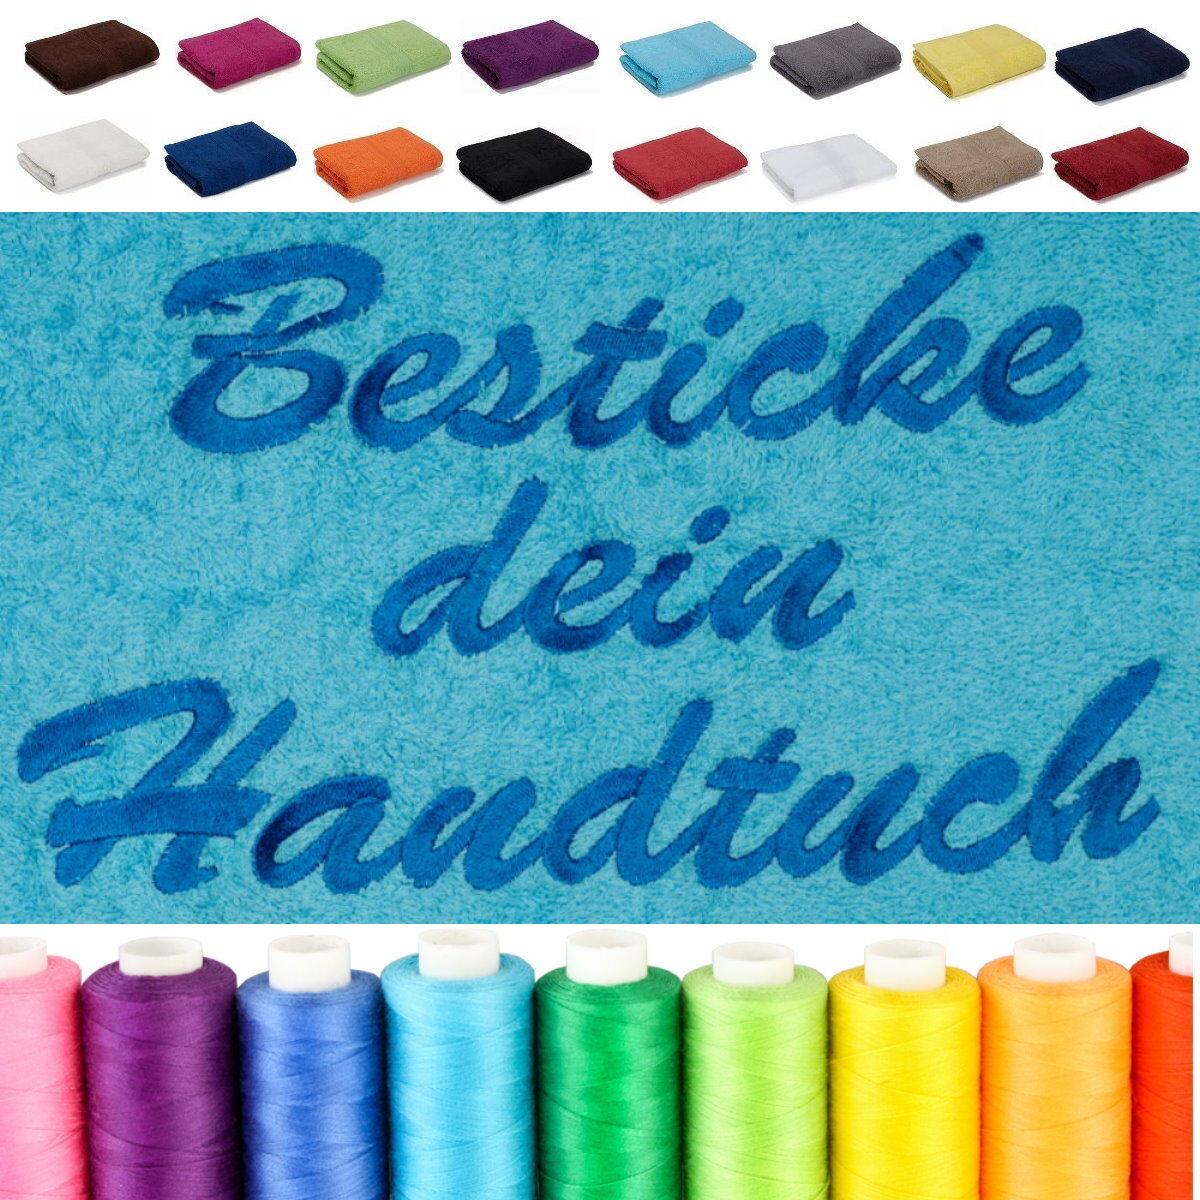 BESTICKT MIT NAMEN Handtuch Duschtuch Badetuch Saunatuch XXL Besticken mit Namen